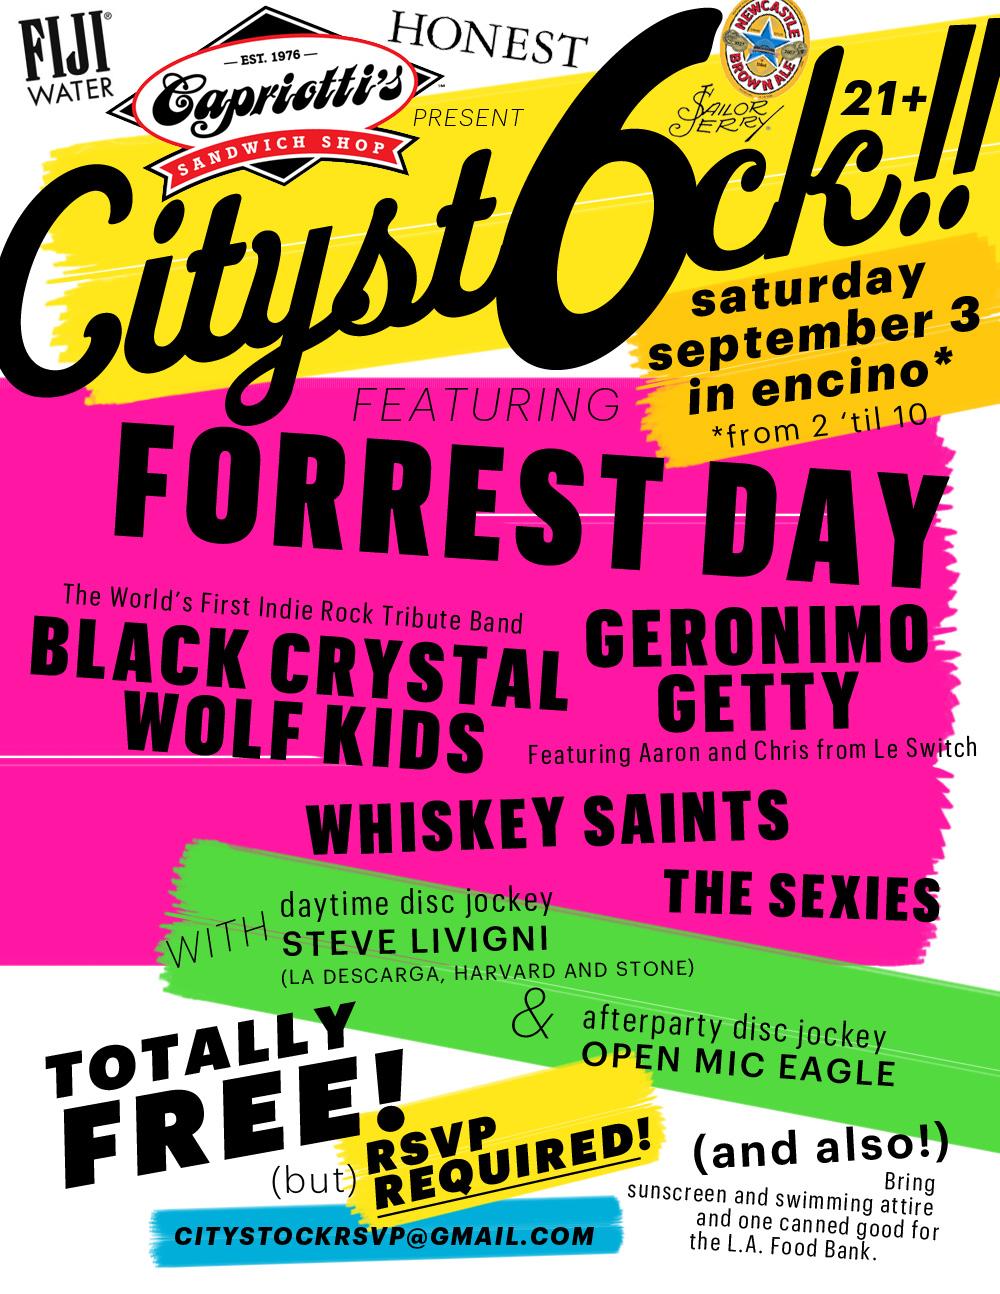 citystock-6-full-final.jpg